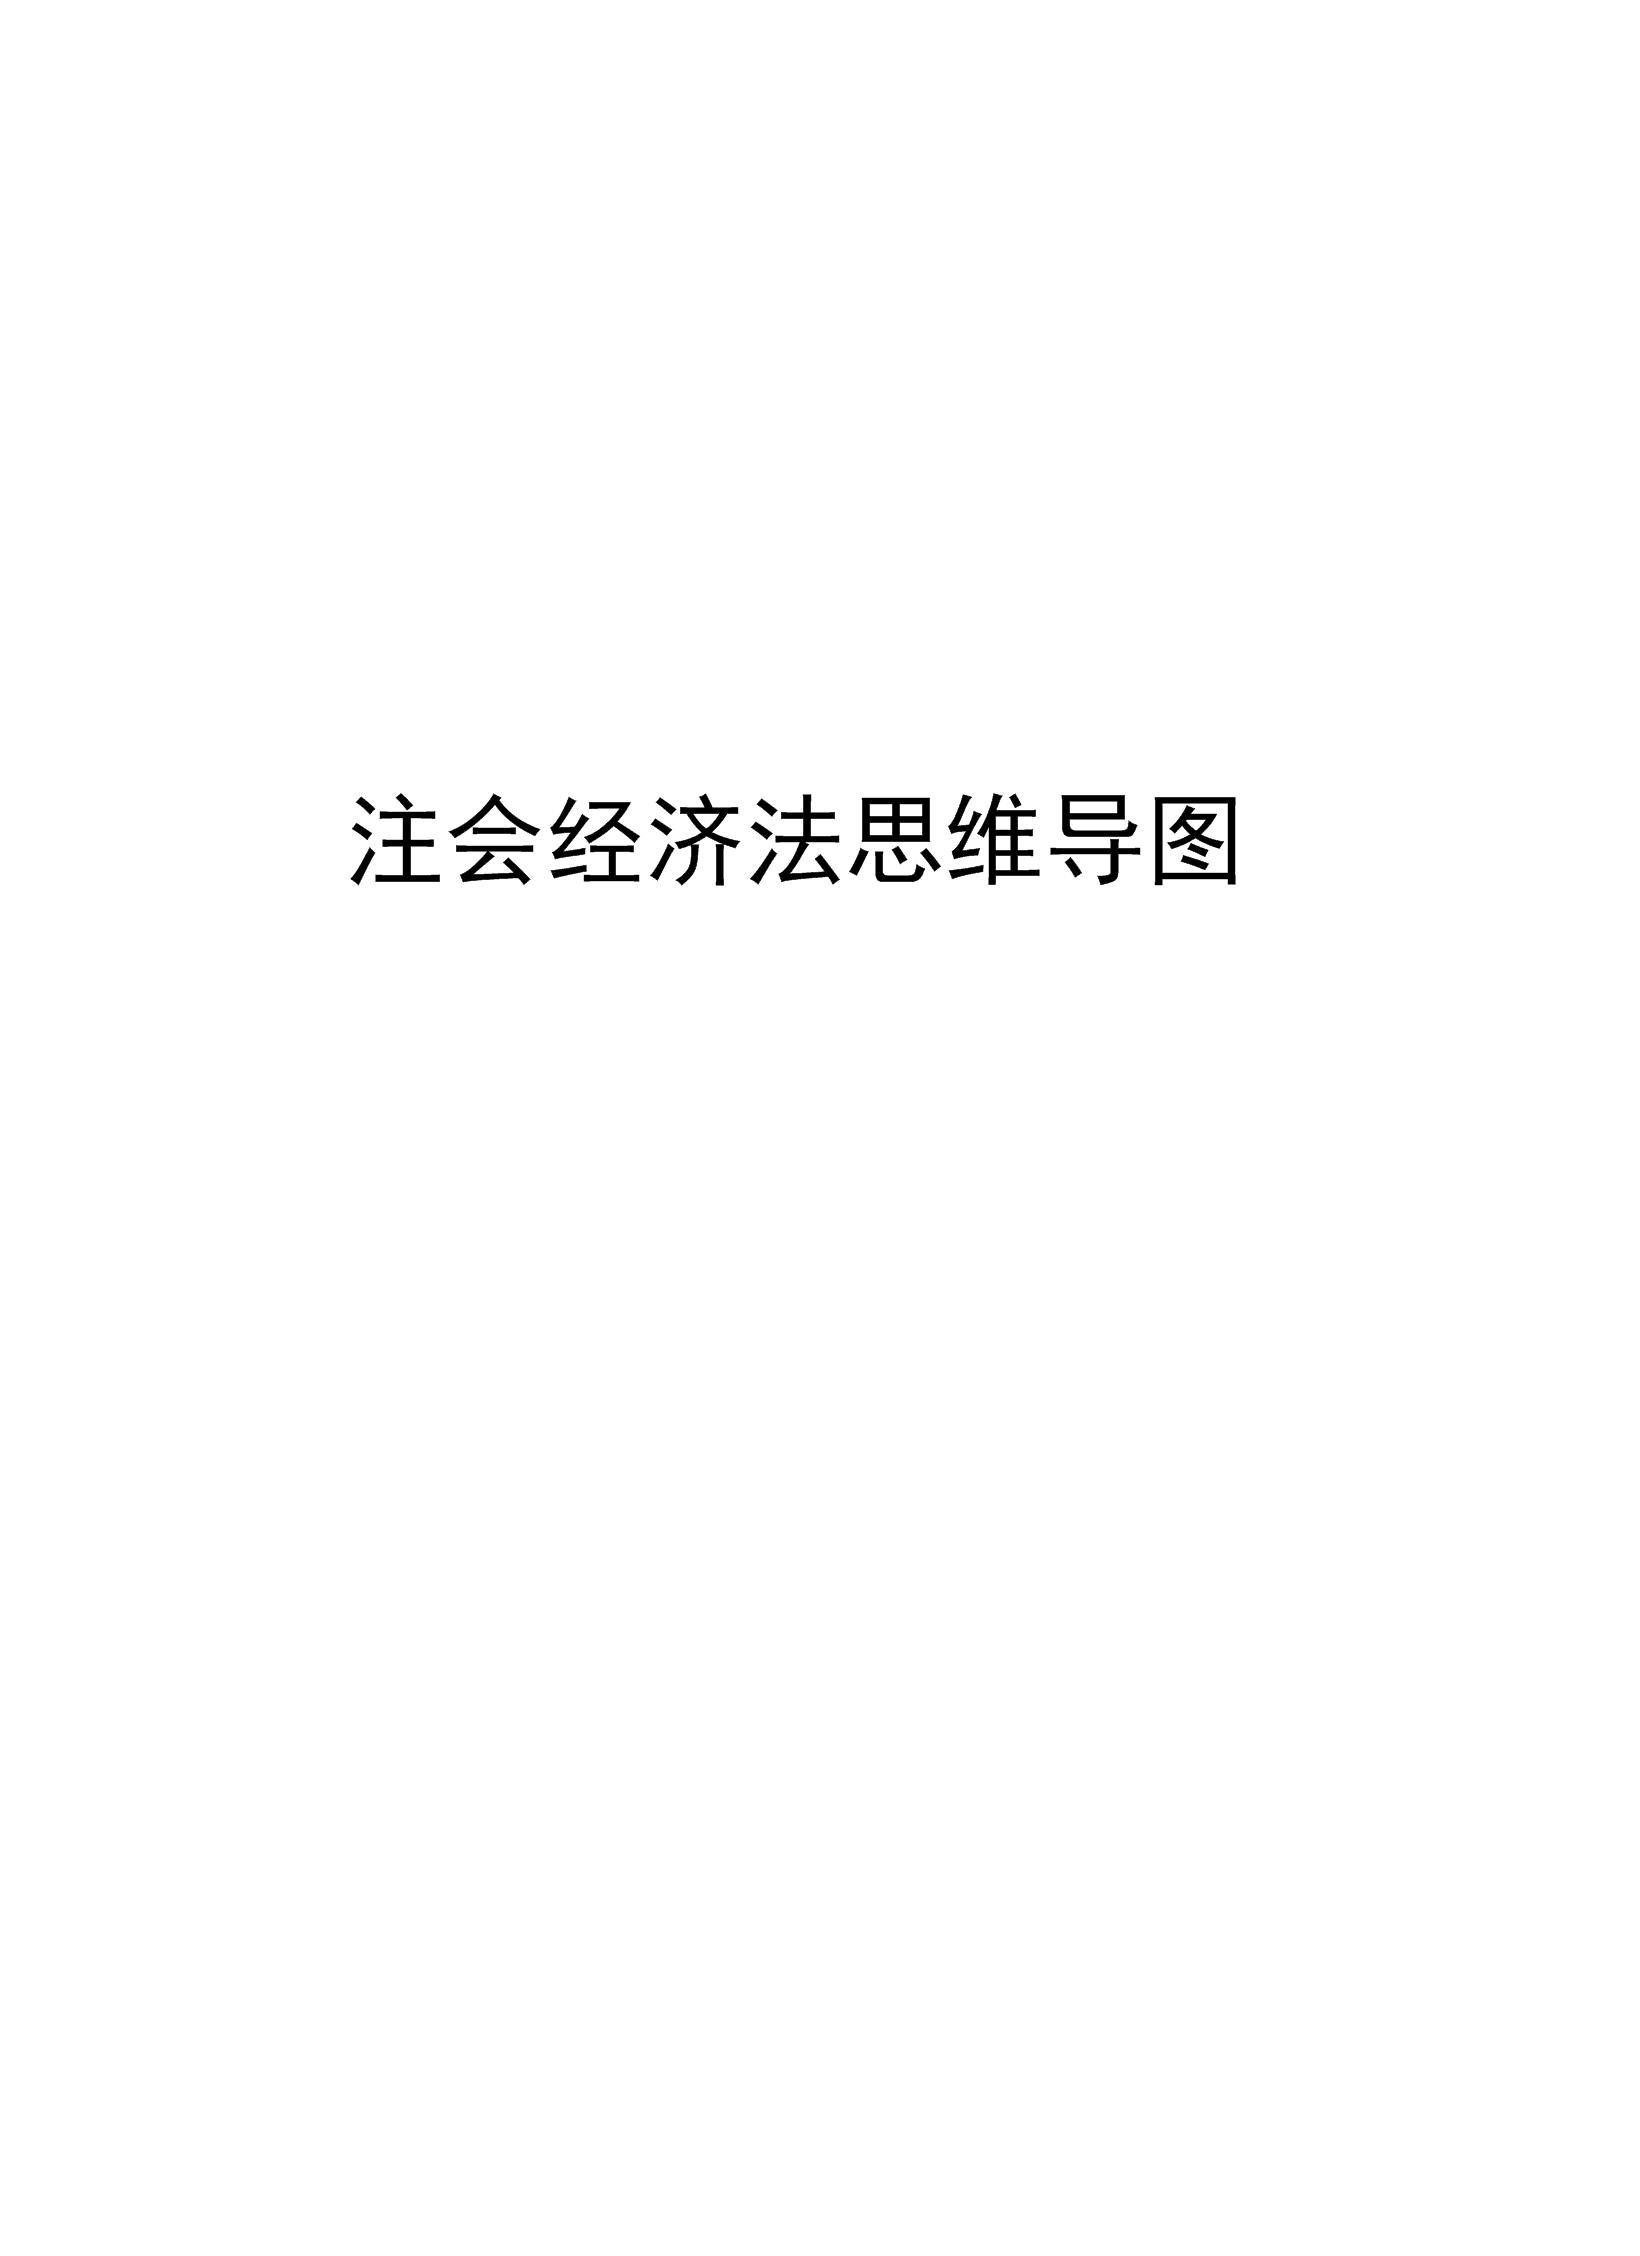 注会经济法思维导图备课讲稿.docx